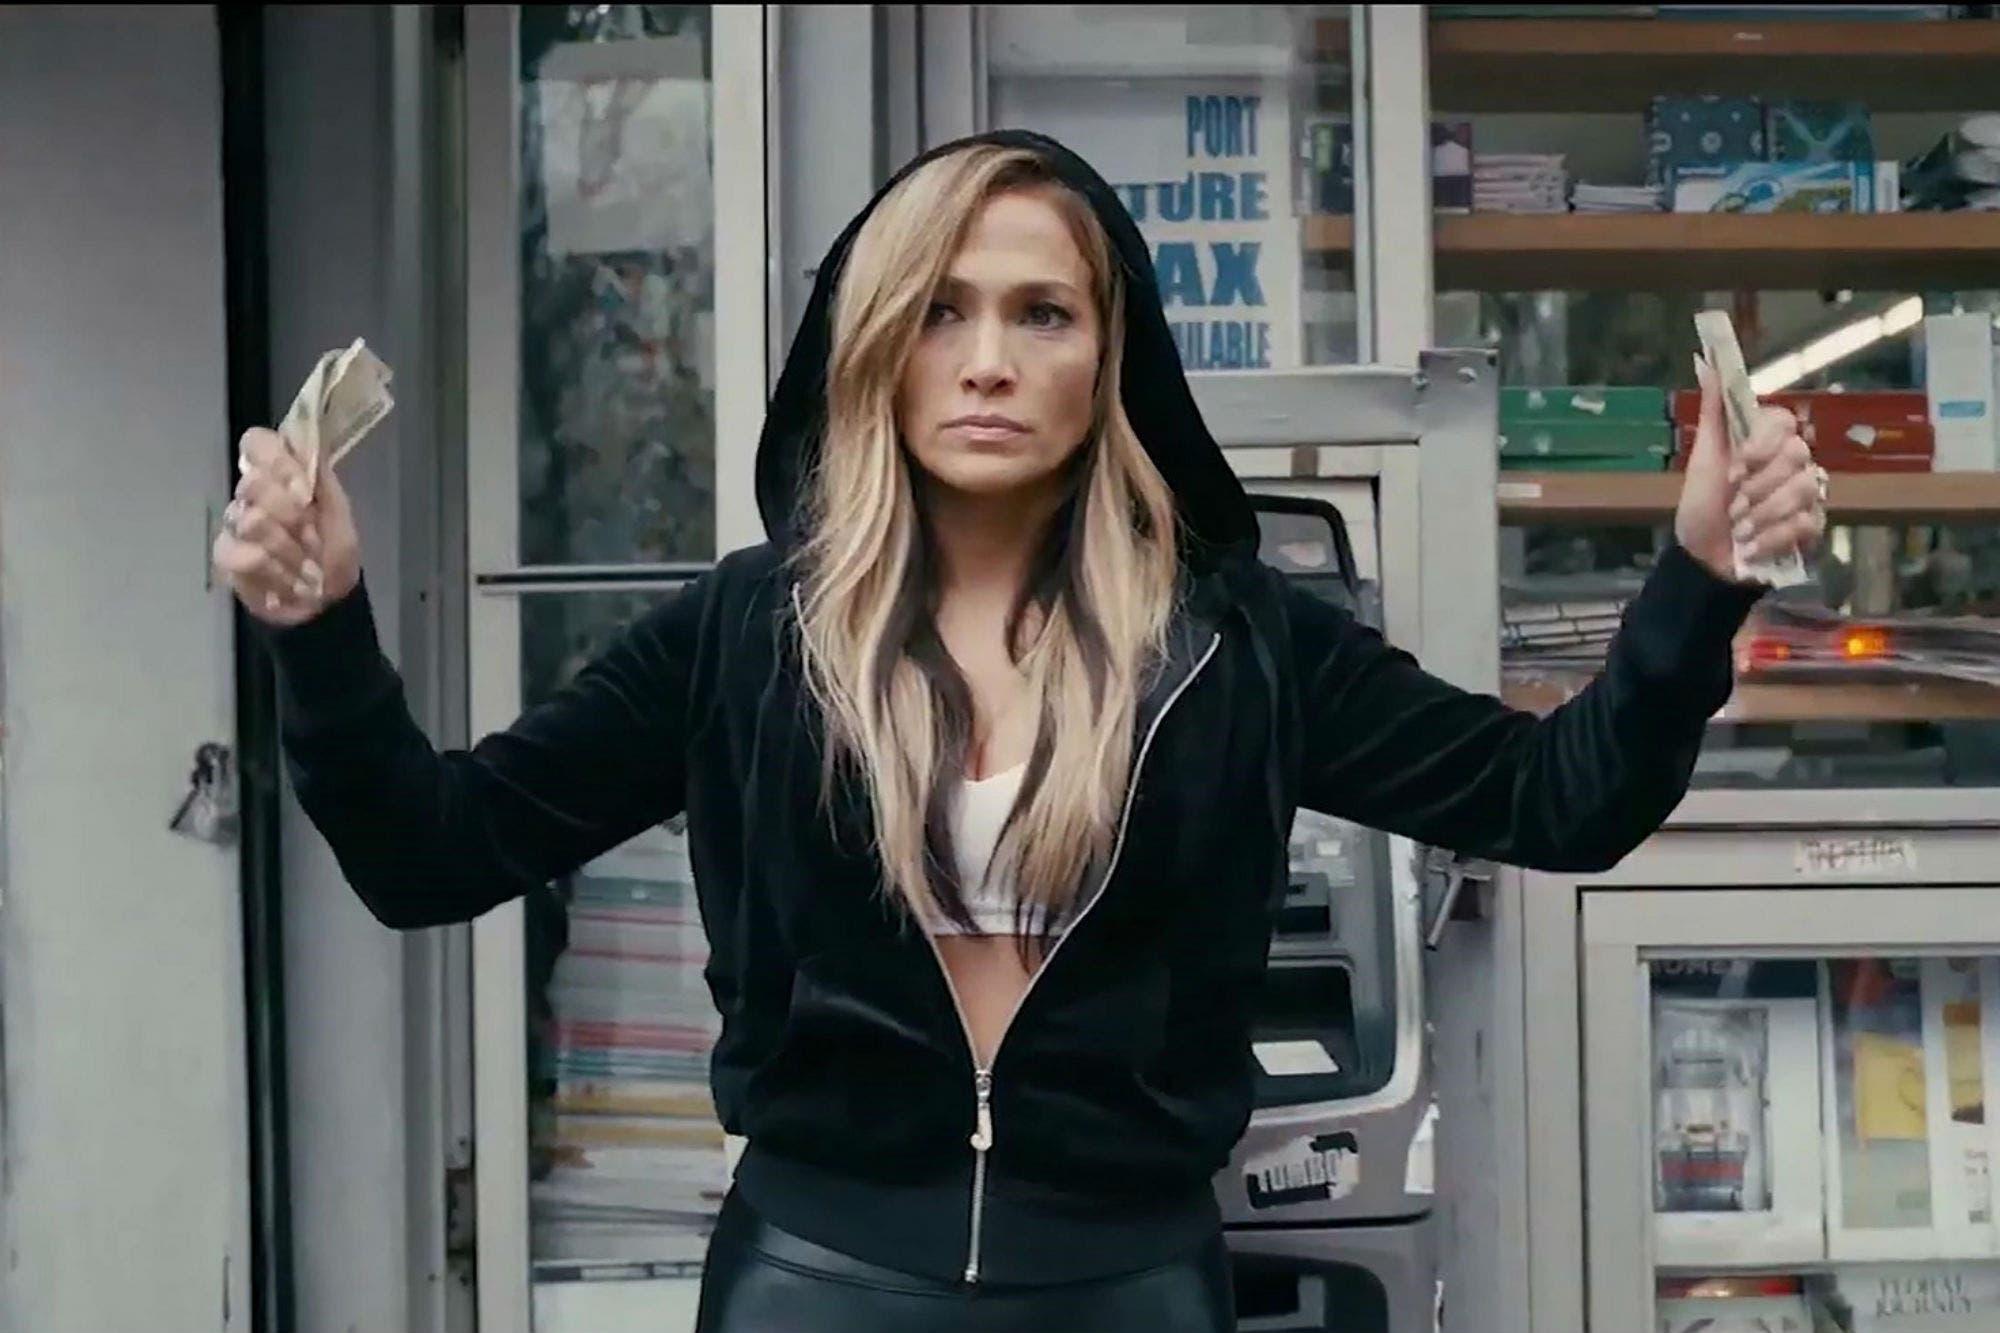 Quién es la stripper que aparece en el nuevo trailer de Hustlers, la película que protagoniza Jennifer Lopez